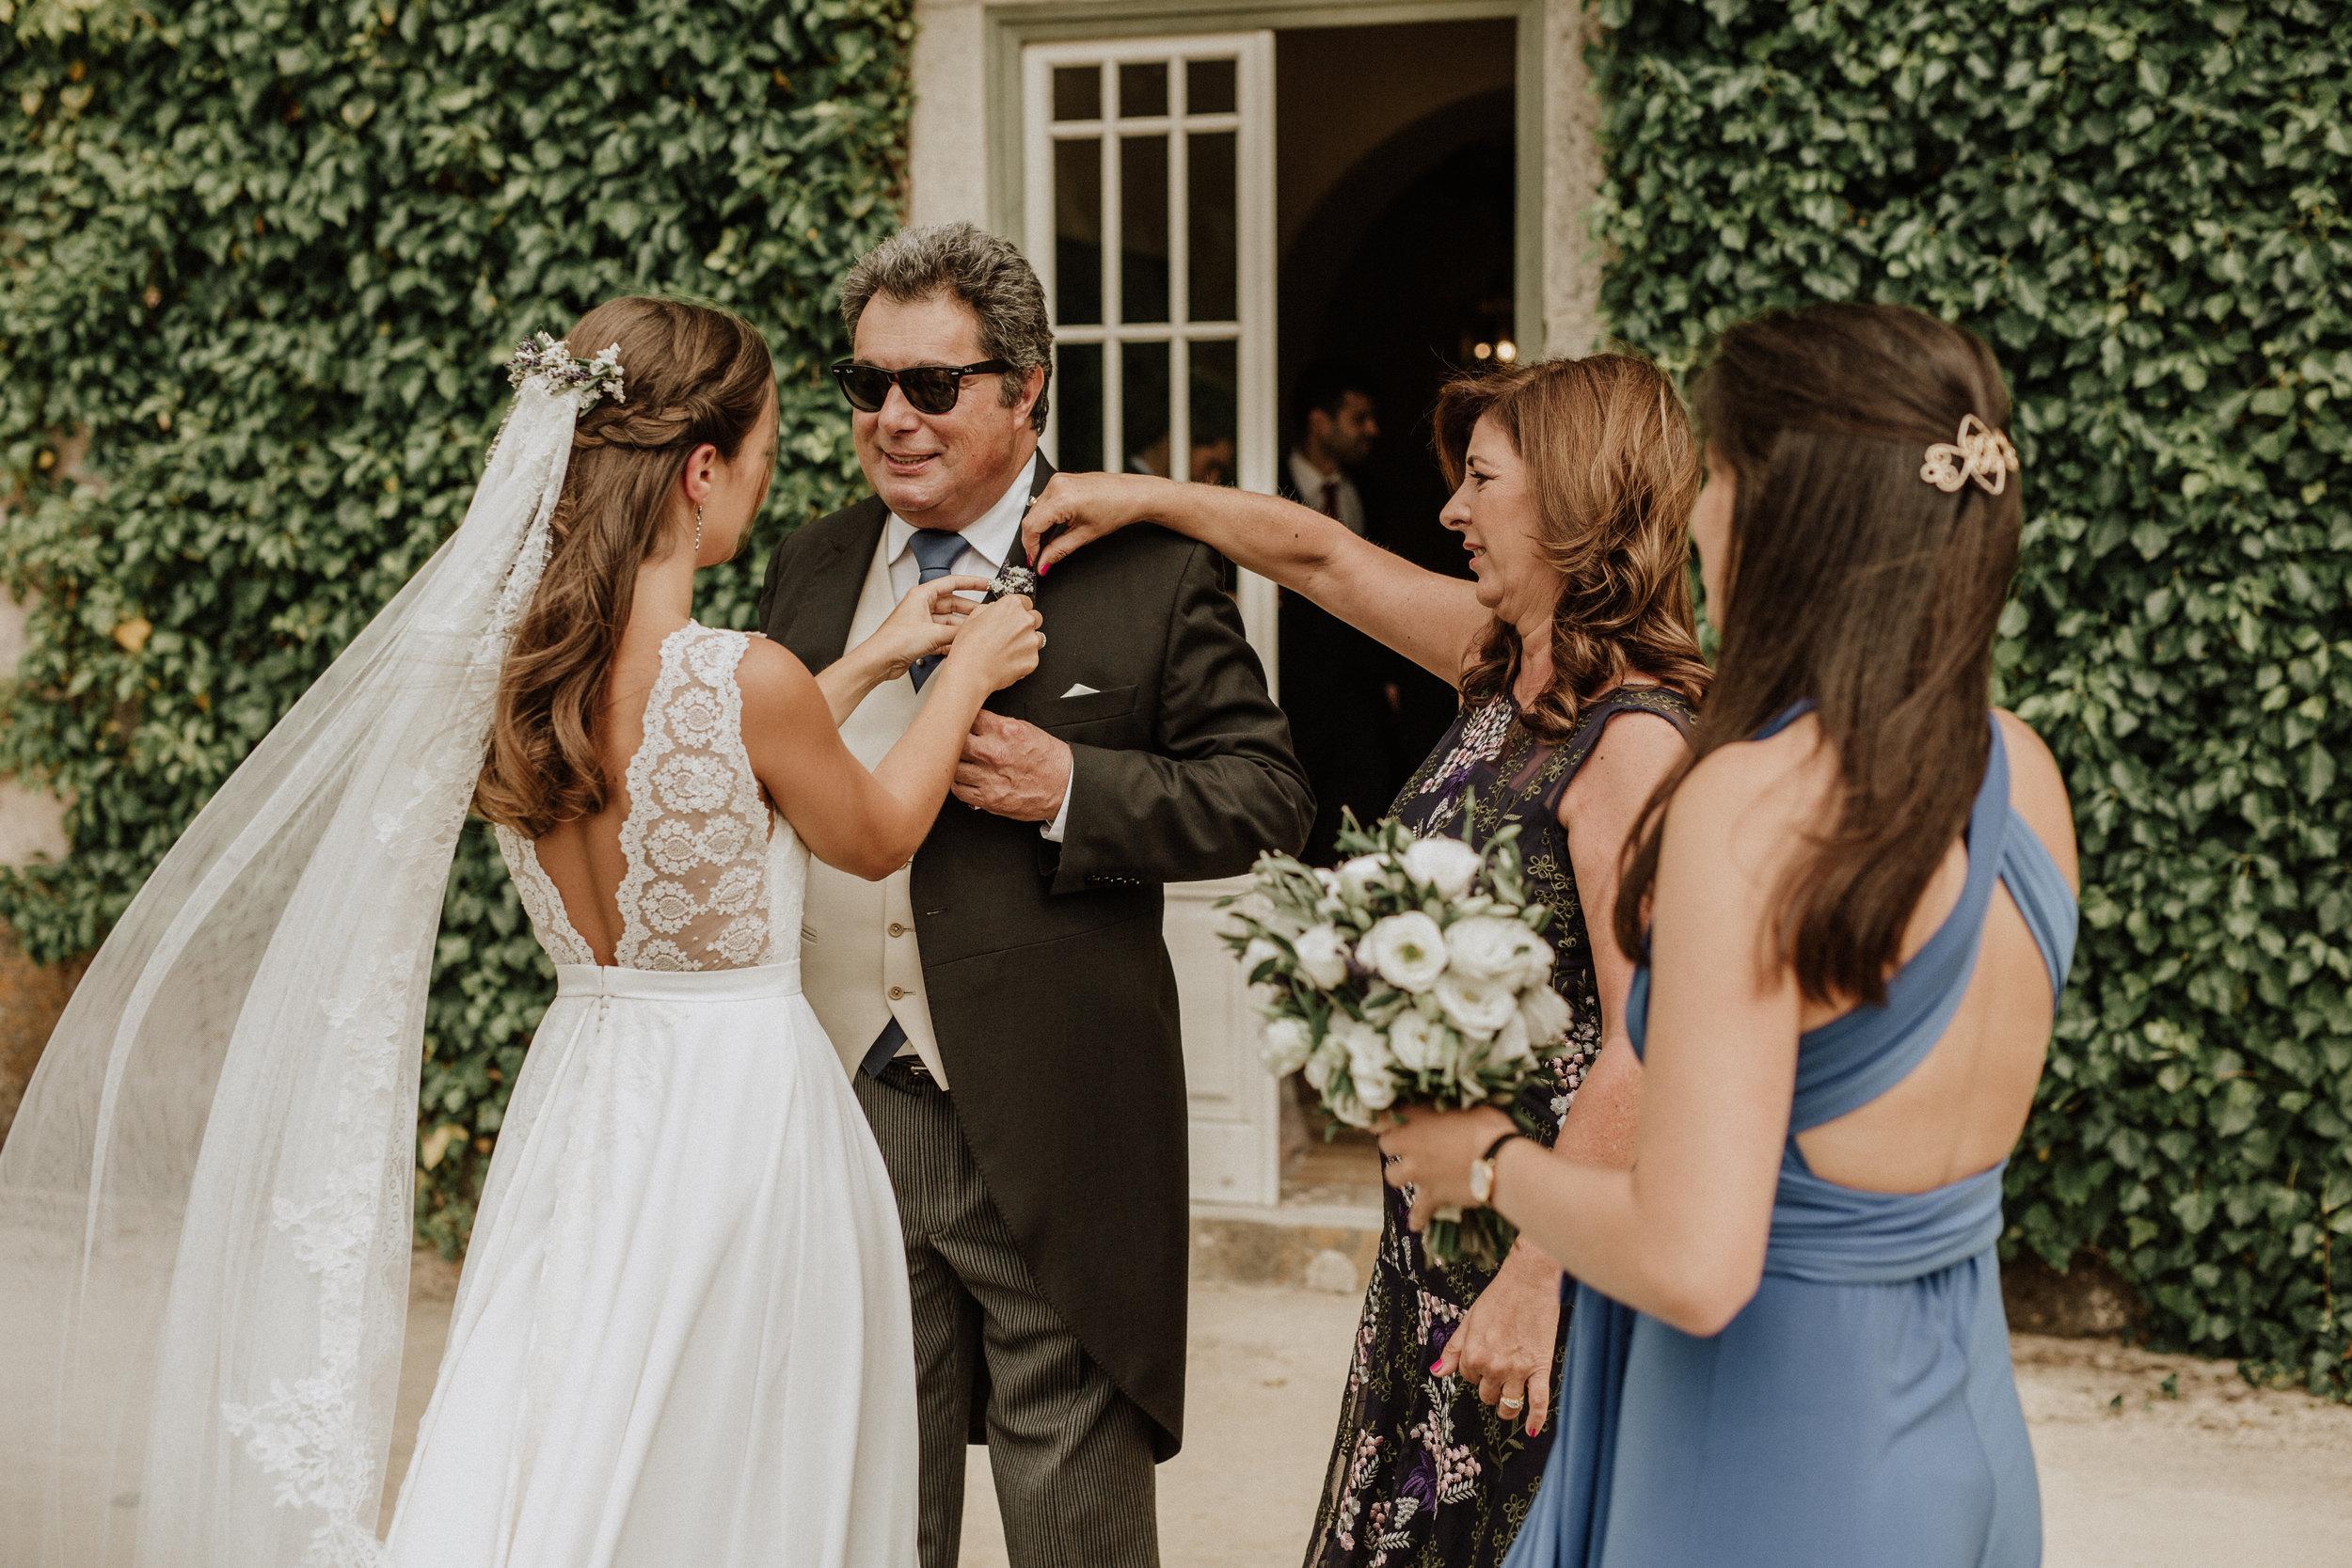 I&J_178_ 14_julho_2018 WEDDING DAY.jpg